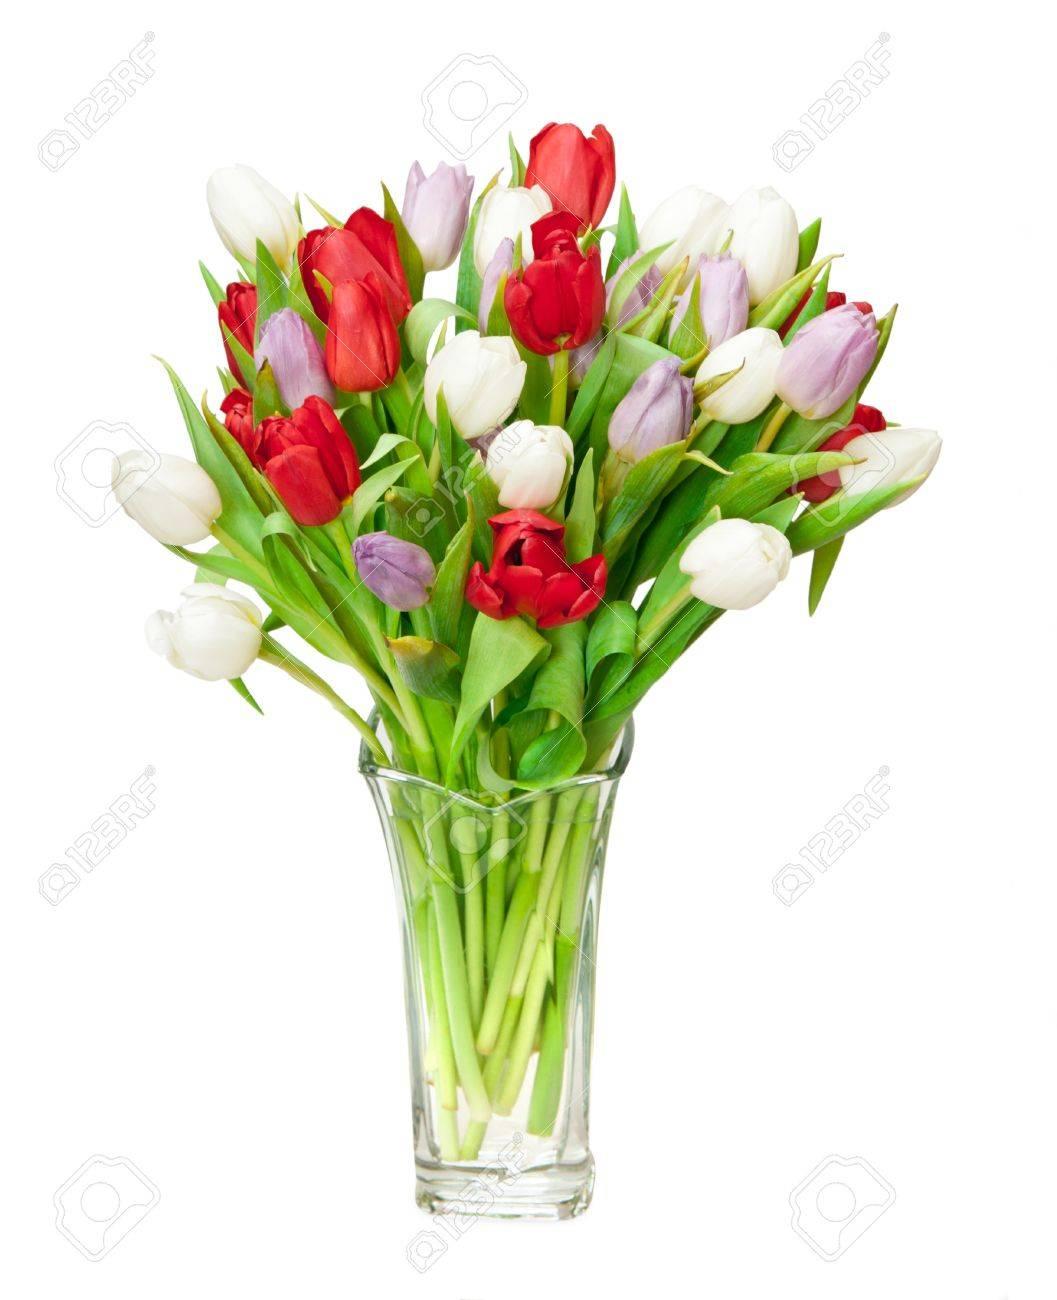 tulips isolated on white Stock Photo - 8700057